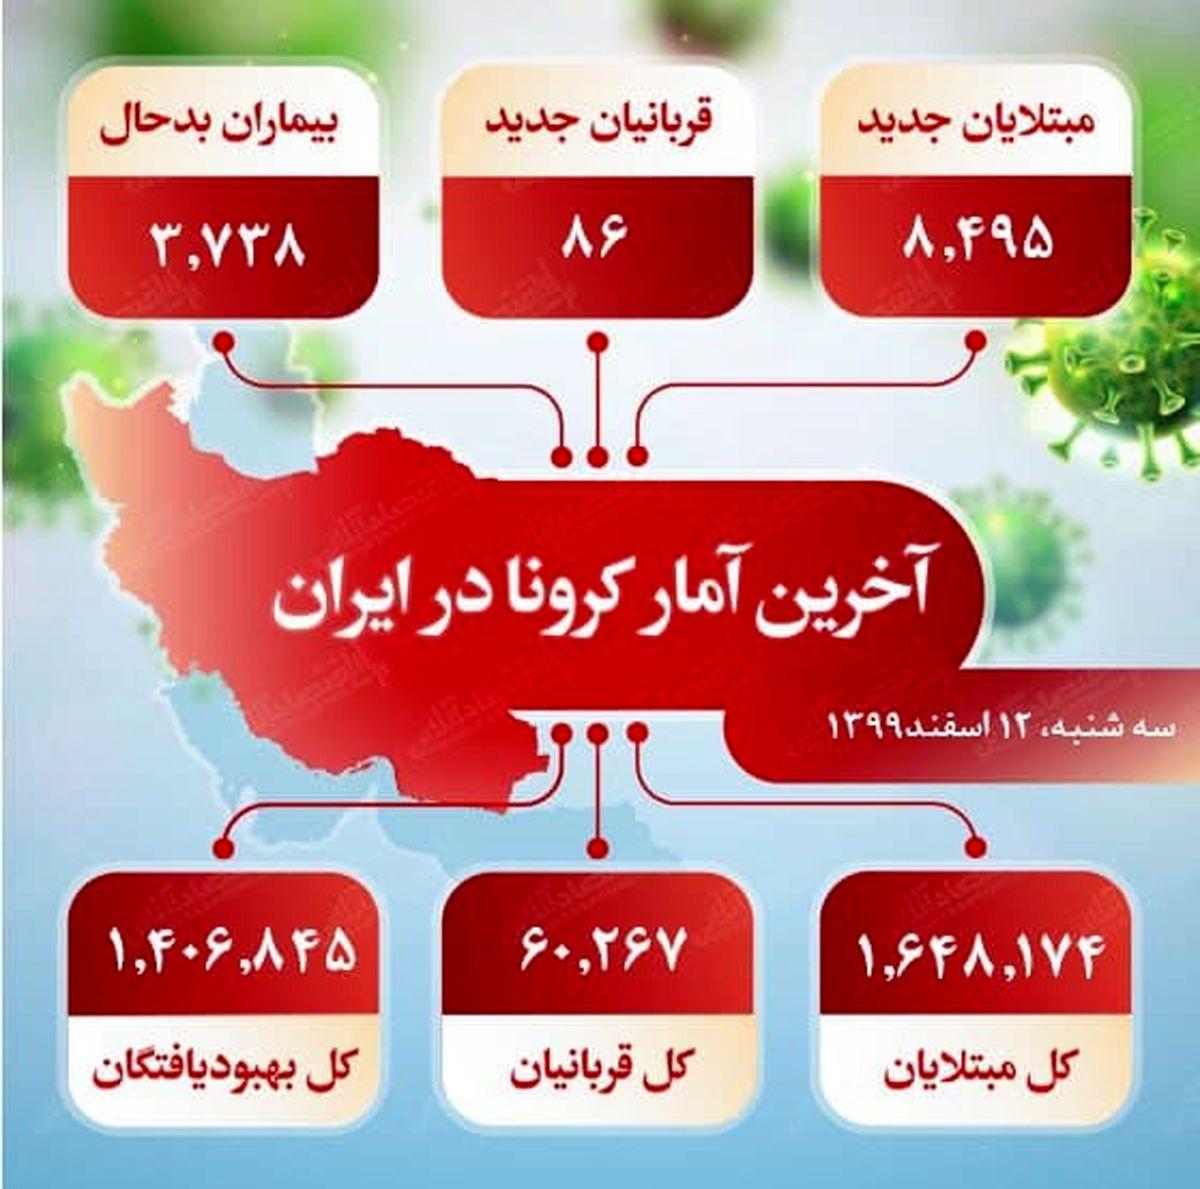 آخرین آمار کرونا در ایران (۹۹/۱۲/۱۲)